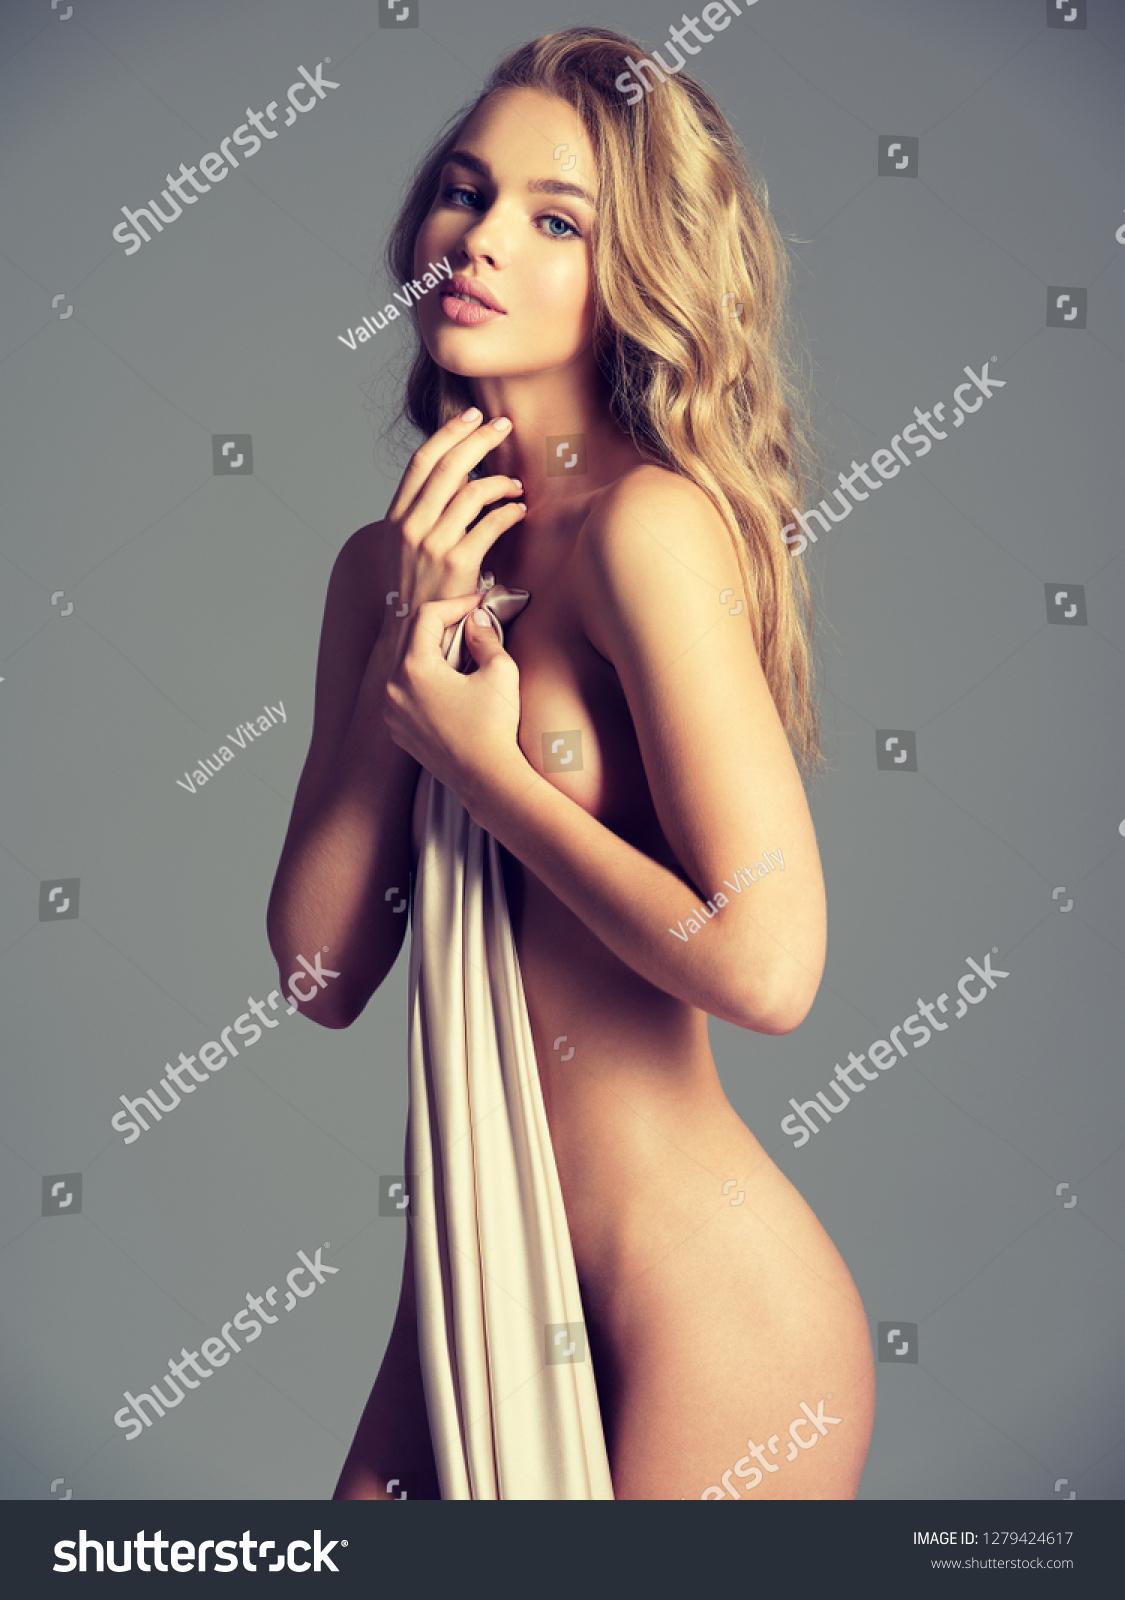 Naked Gorgeous Women